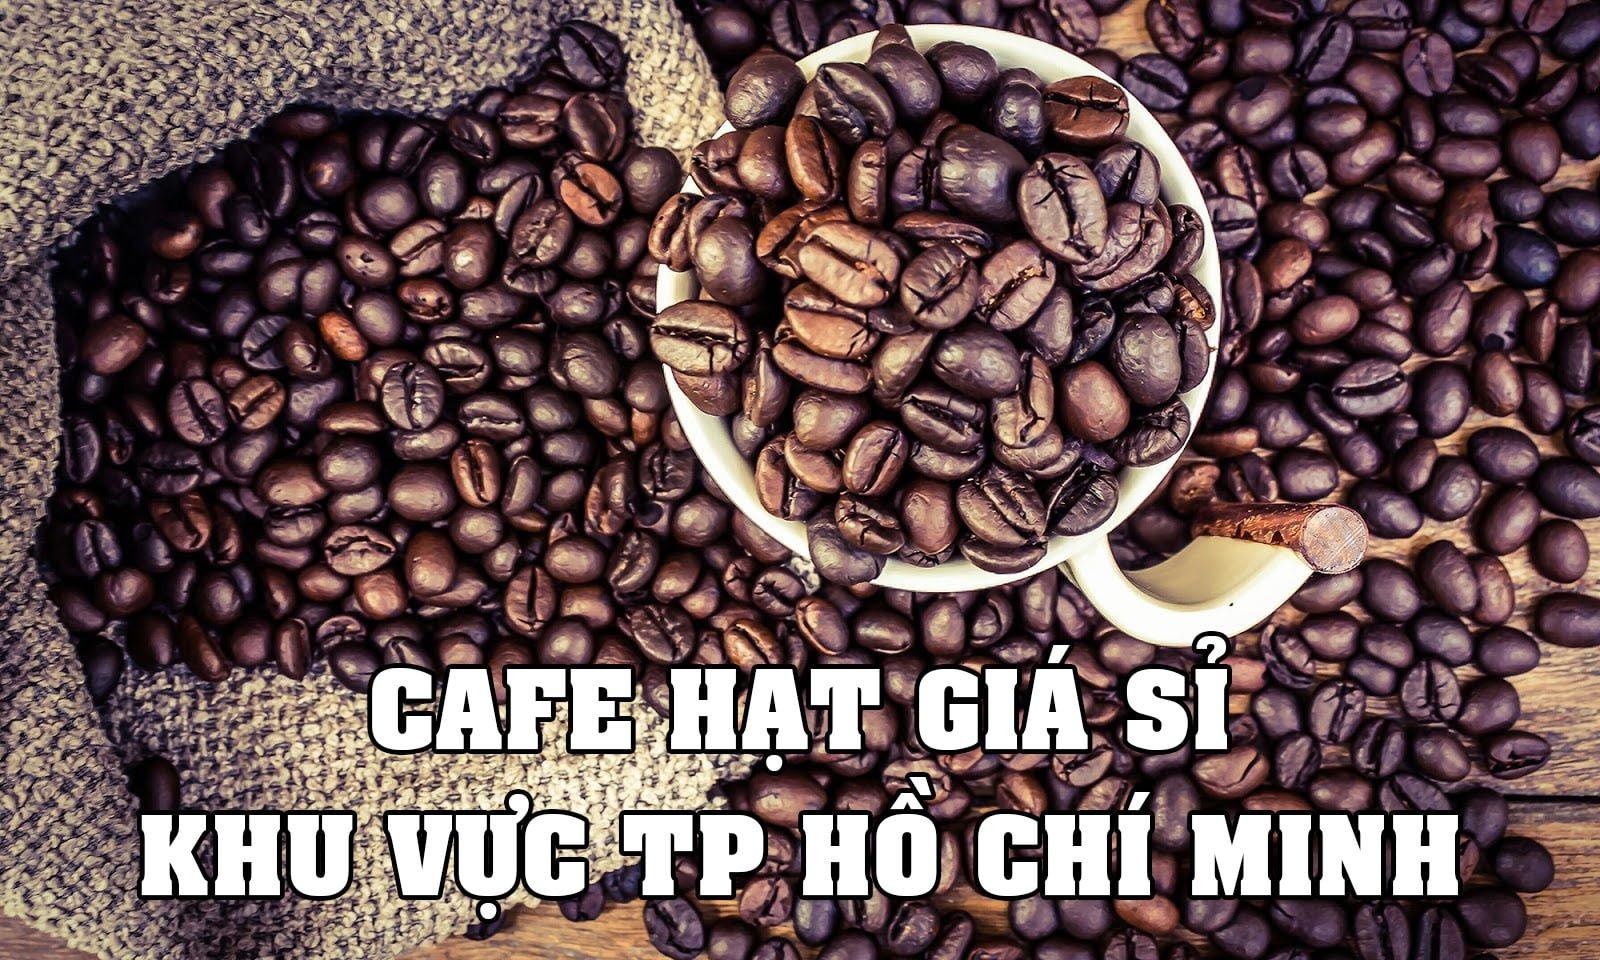 Nên mua cafe hạt giá sỉ nguyên chất ở đâu?